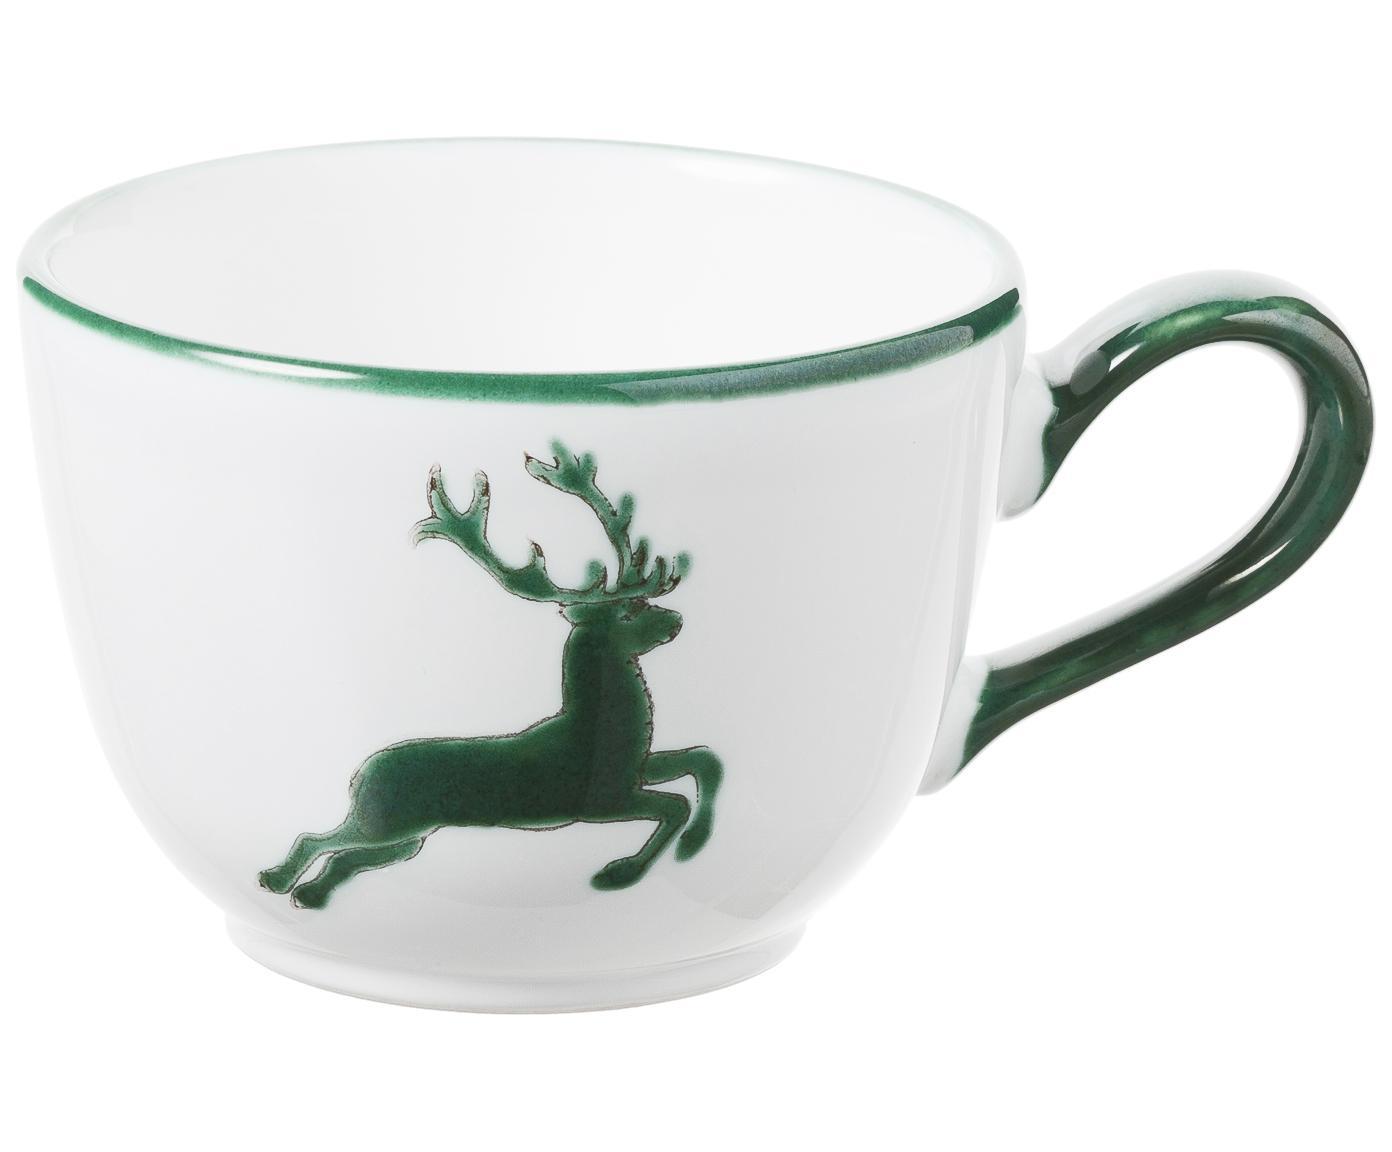 Filiżanka Classic Grüner Hirsch, Ceramika, Zielony, biały, 190 ml